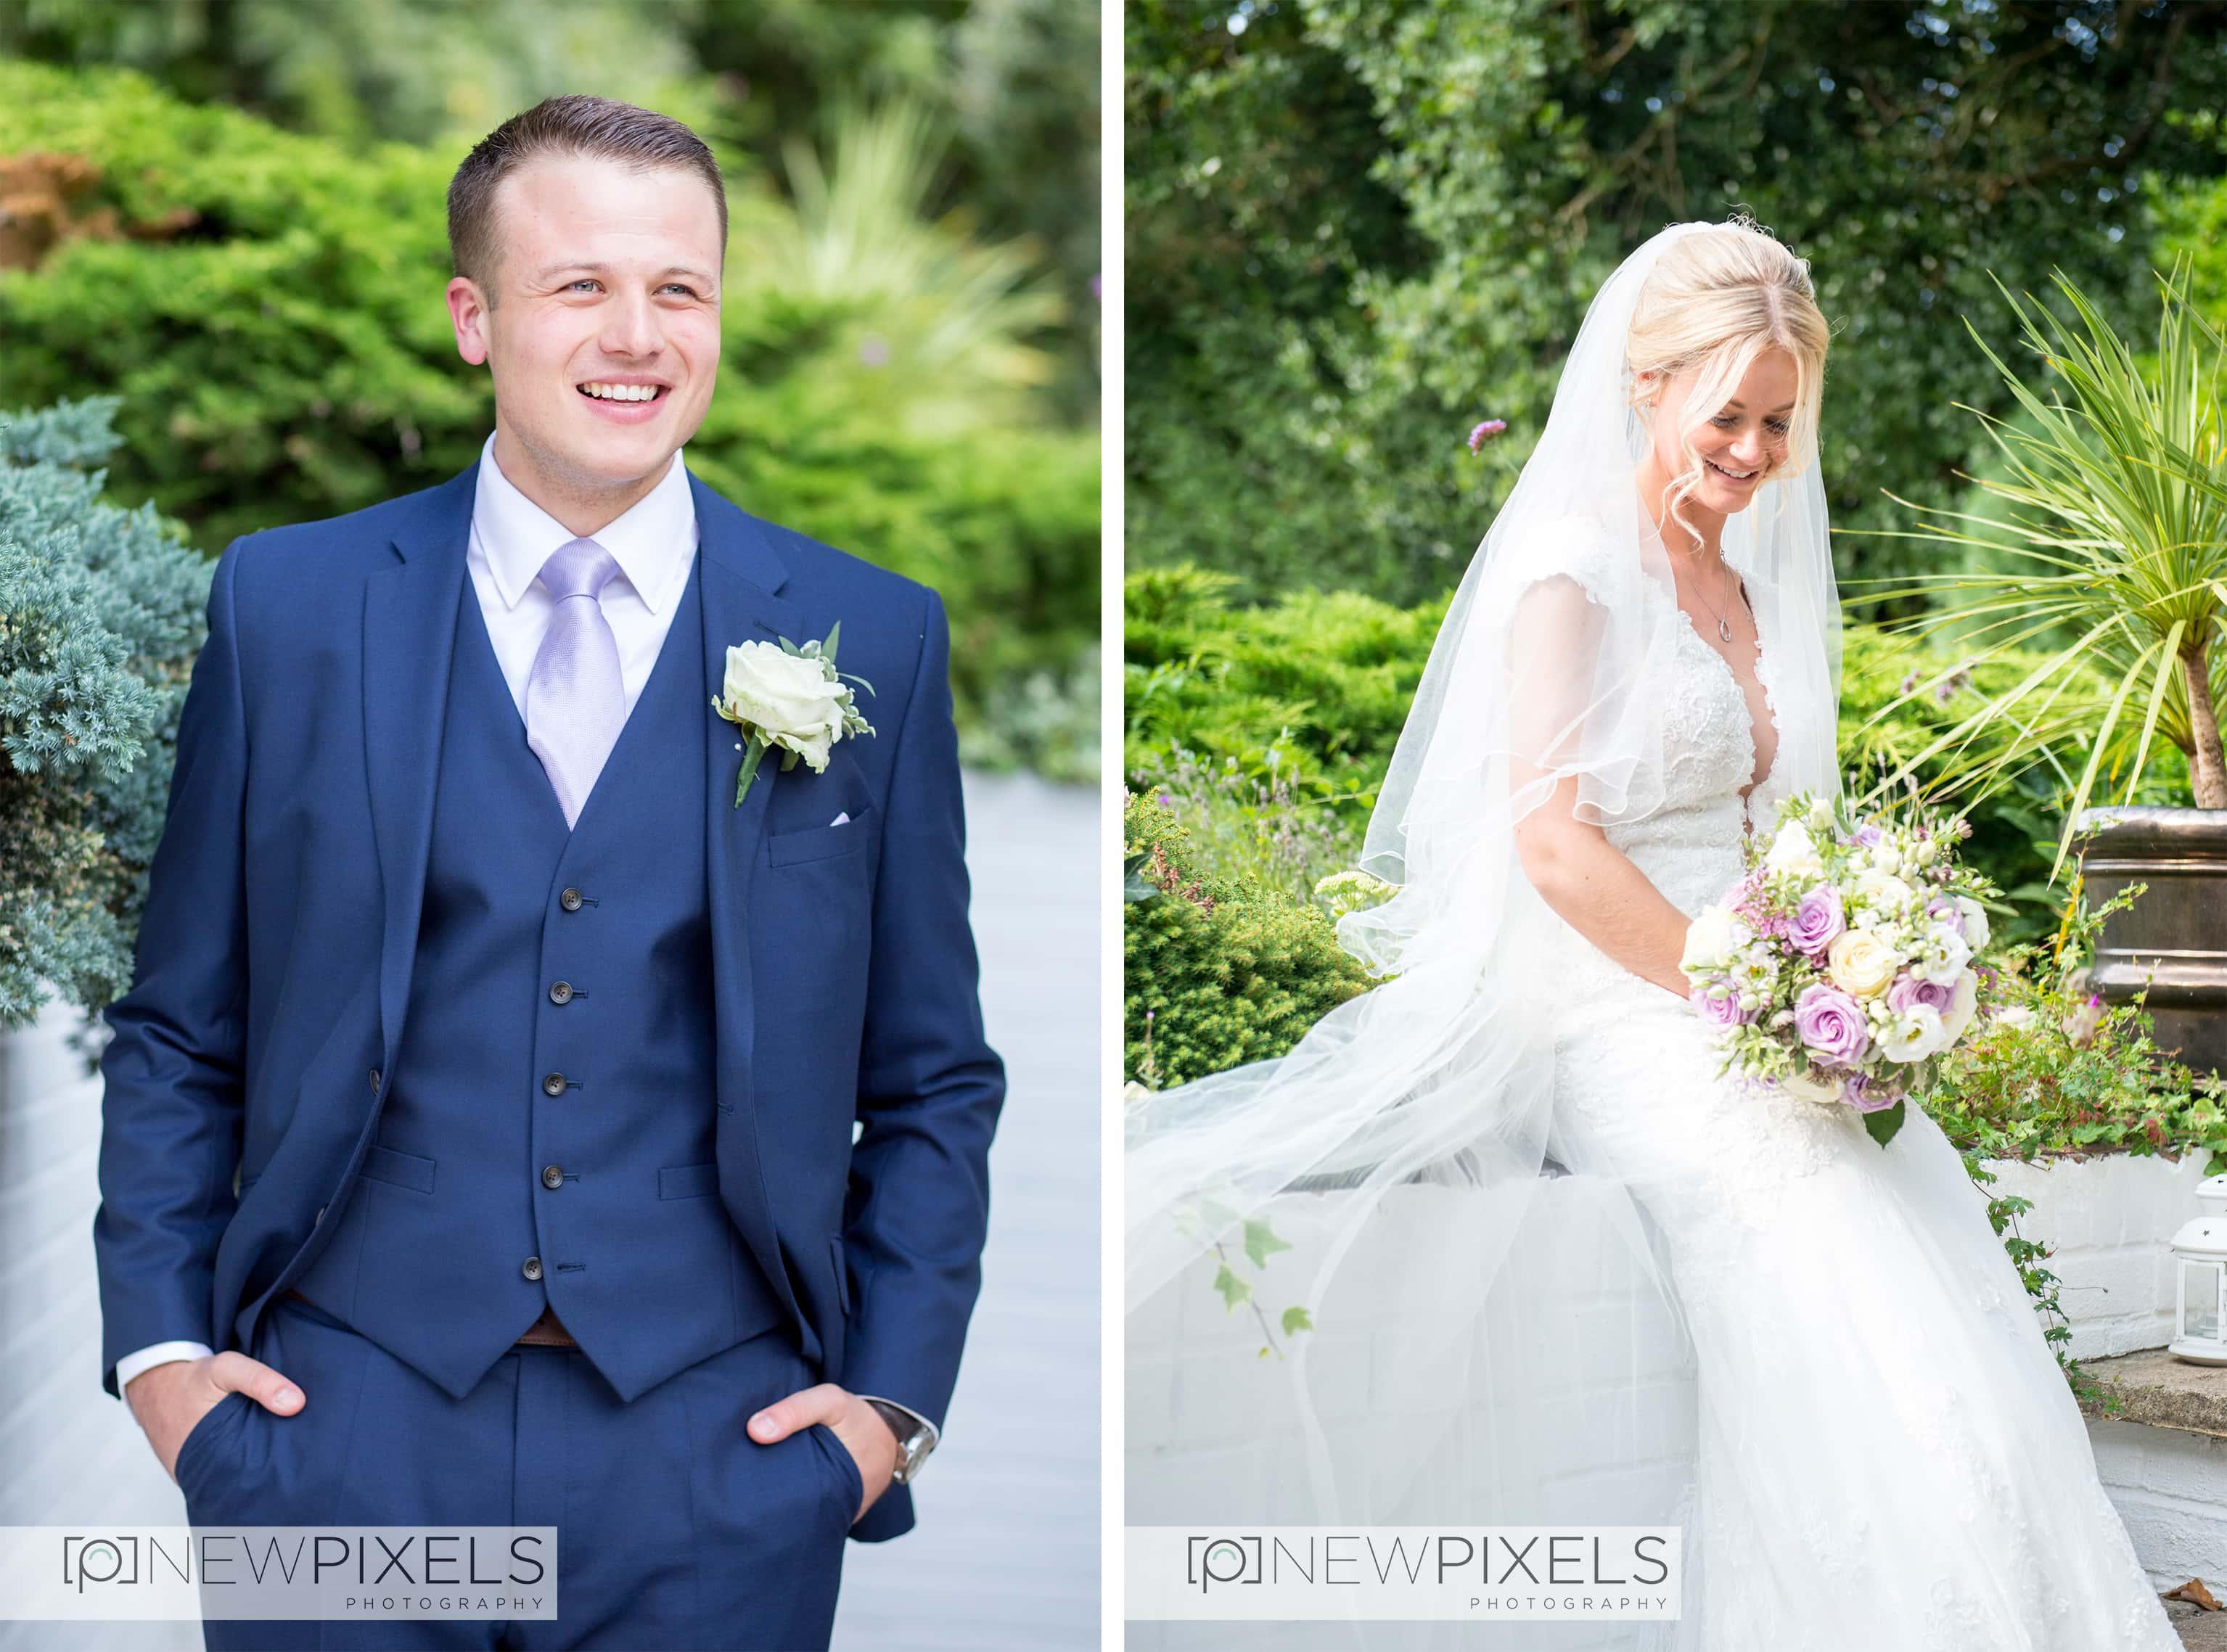 essex couples wedding photographer